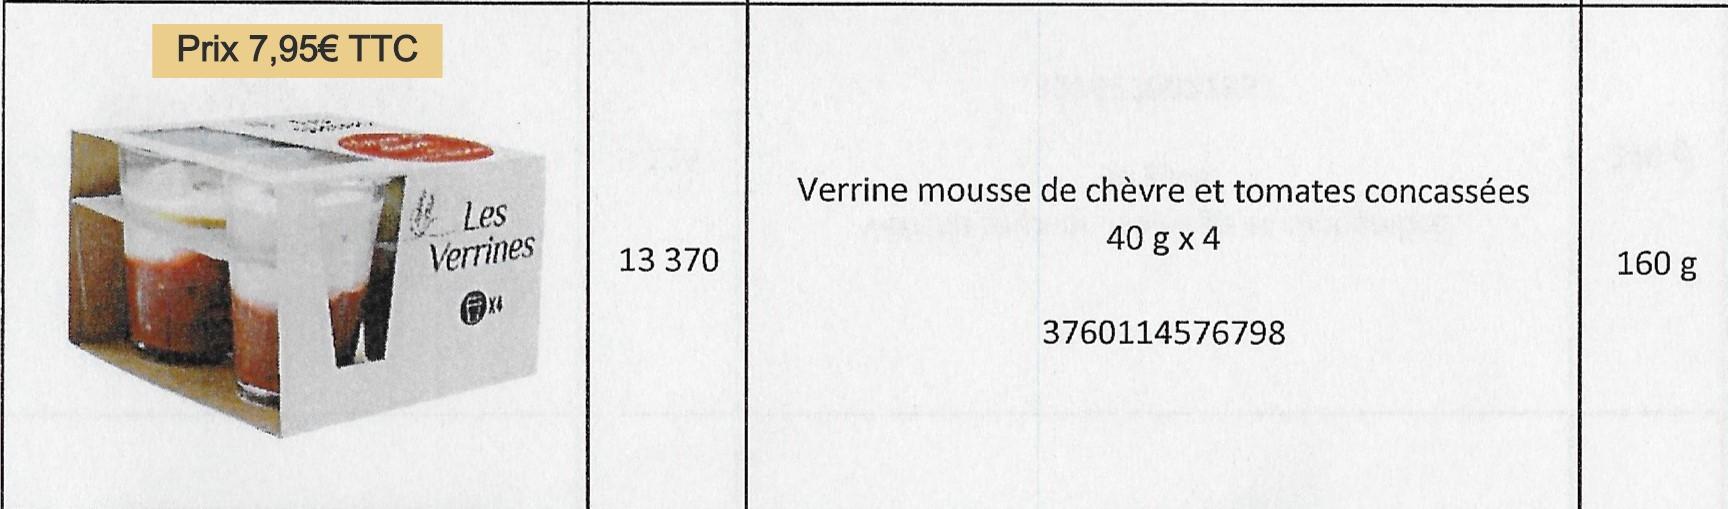 Verrines mousse chèvre_tom.concassées